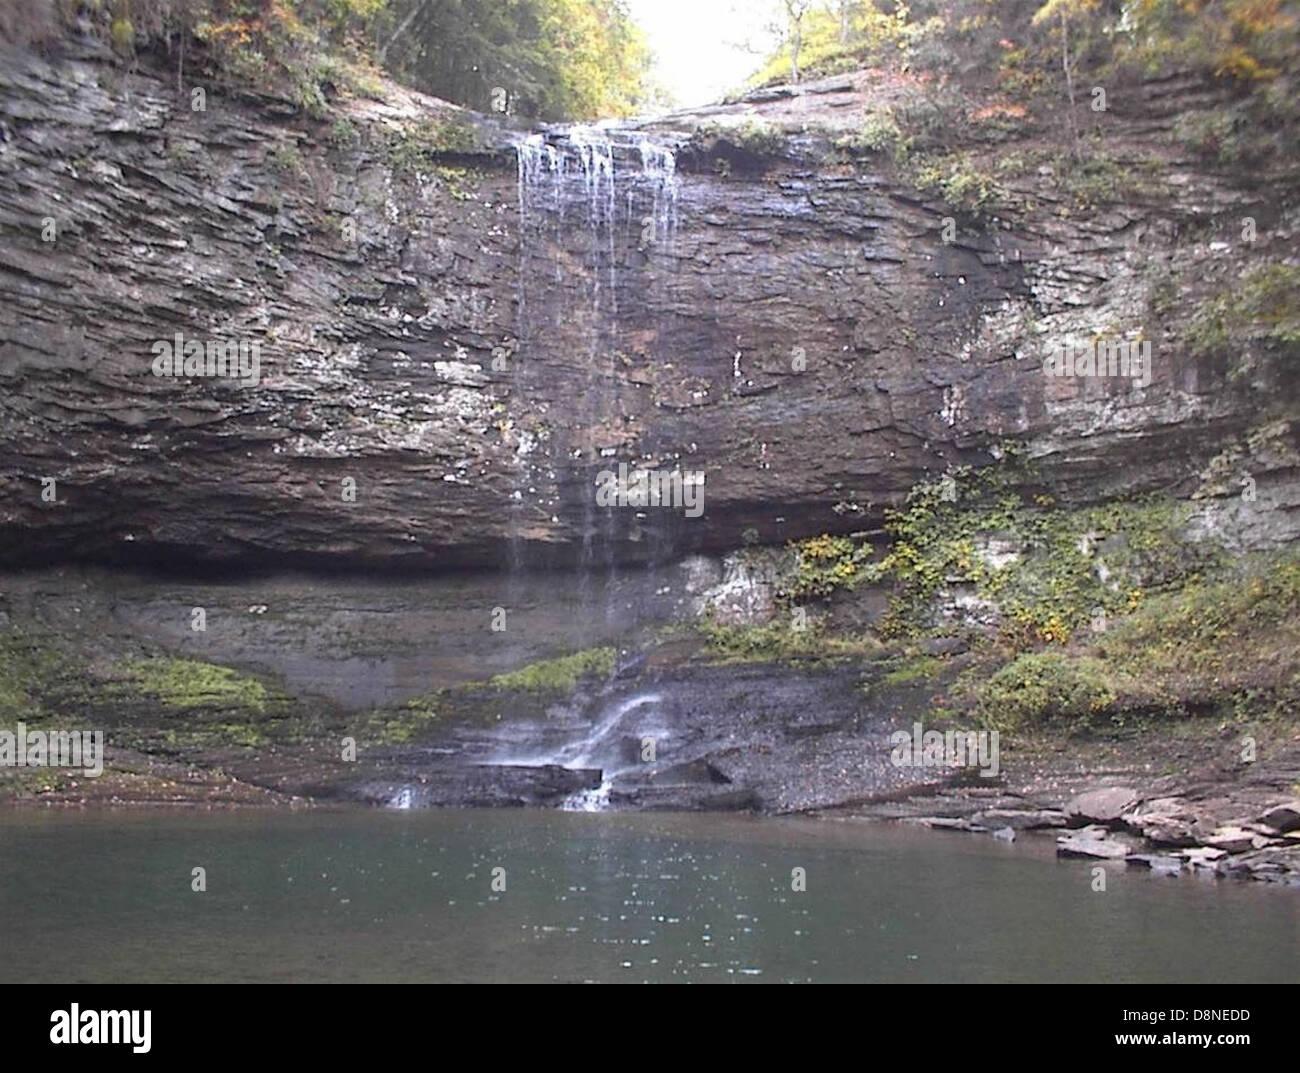 Plus de chute d'une falaise rocheuse dans un bassin d'eau. Photo Stock